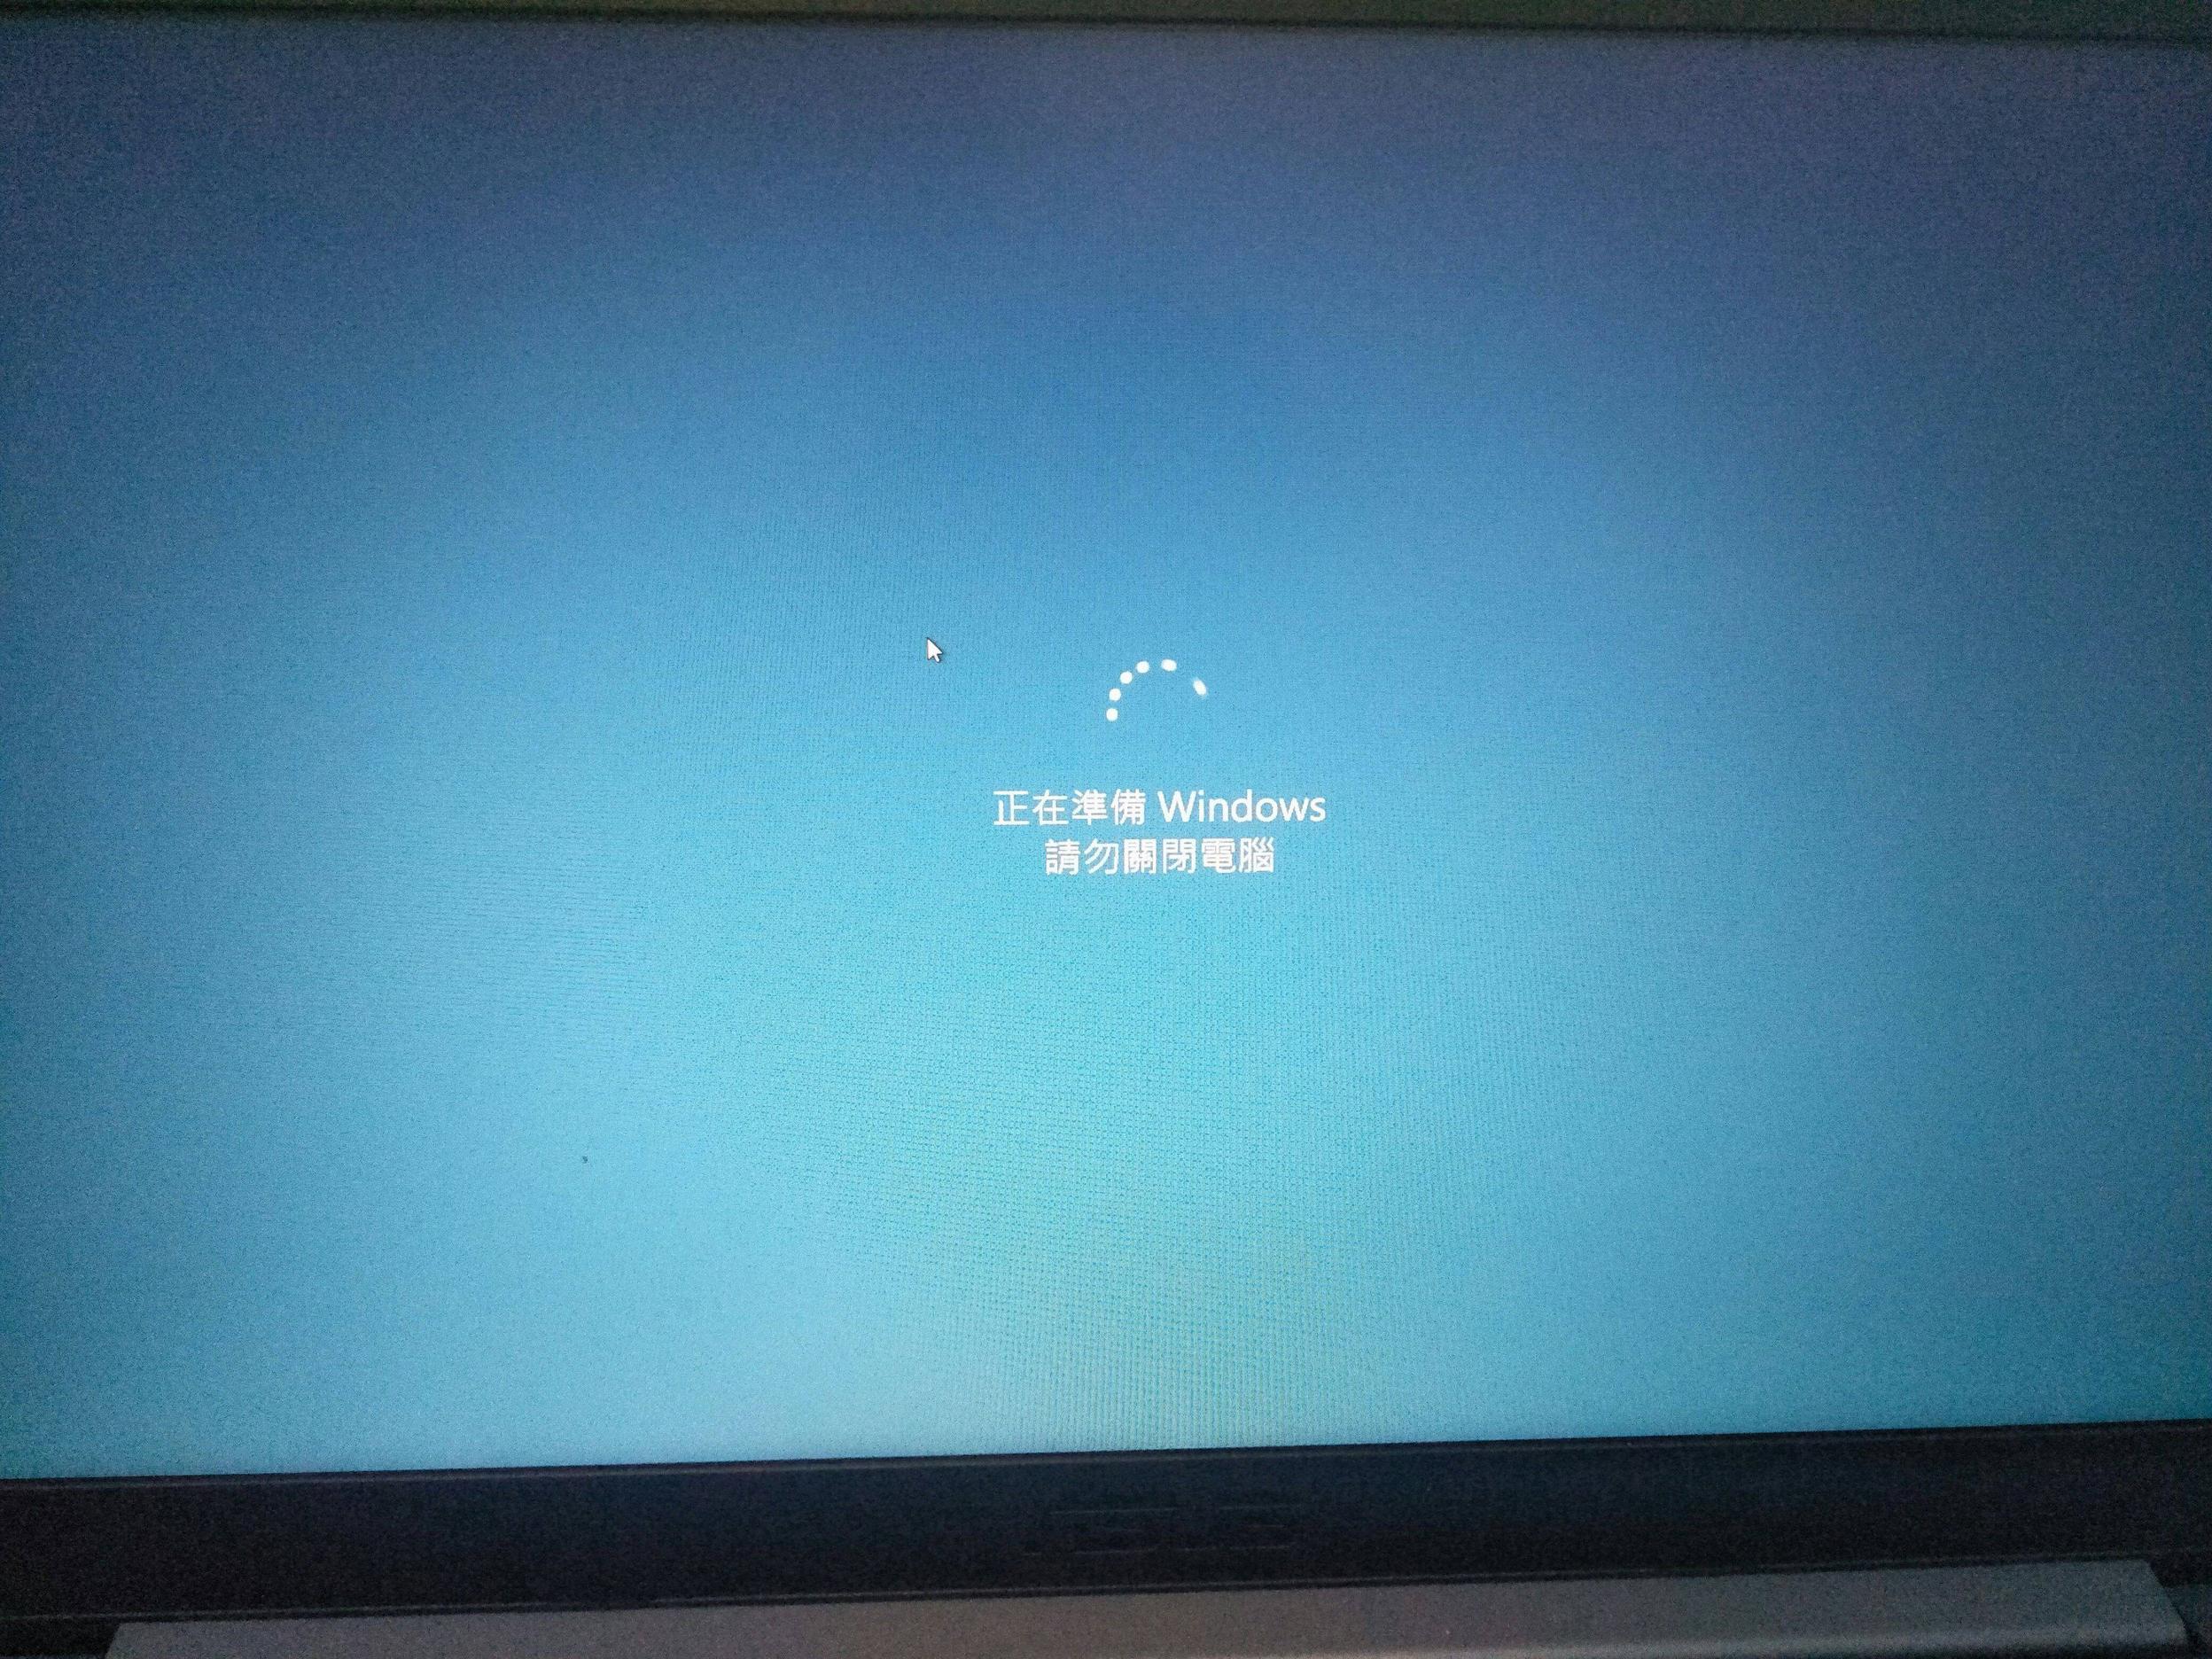 筆電卡在正在準備windows - 3C板 | Dcard